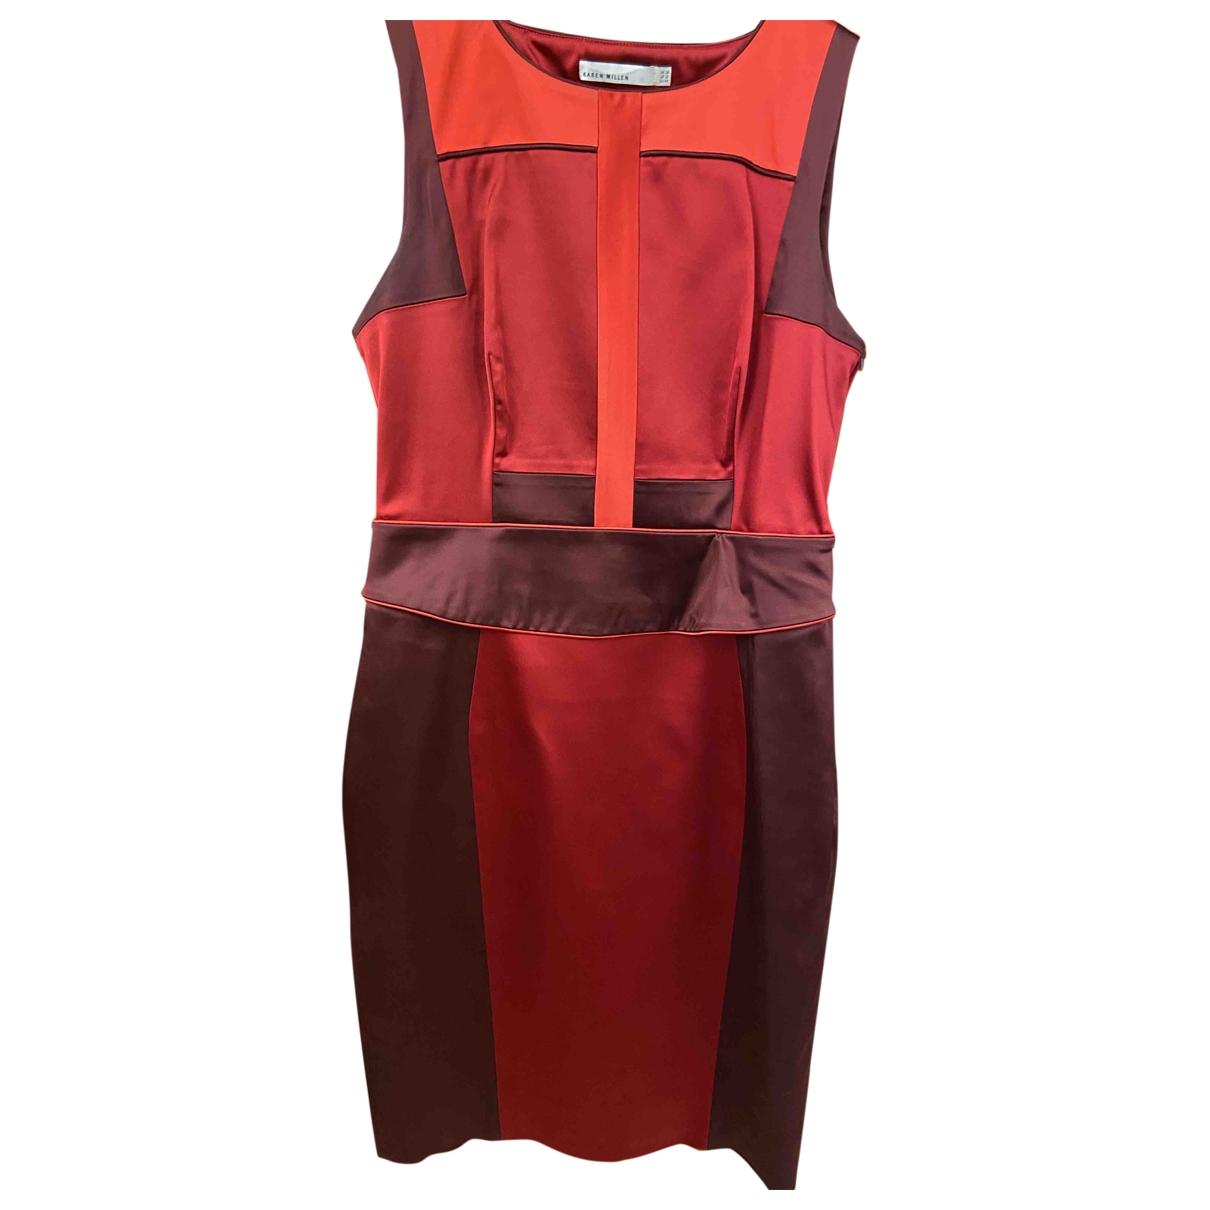 Karen Millen \N Red dress for Women 16 UK